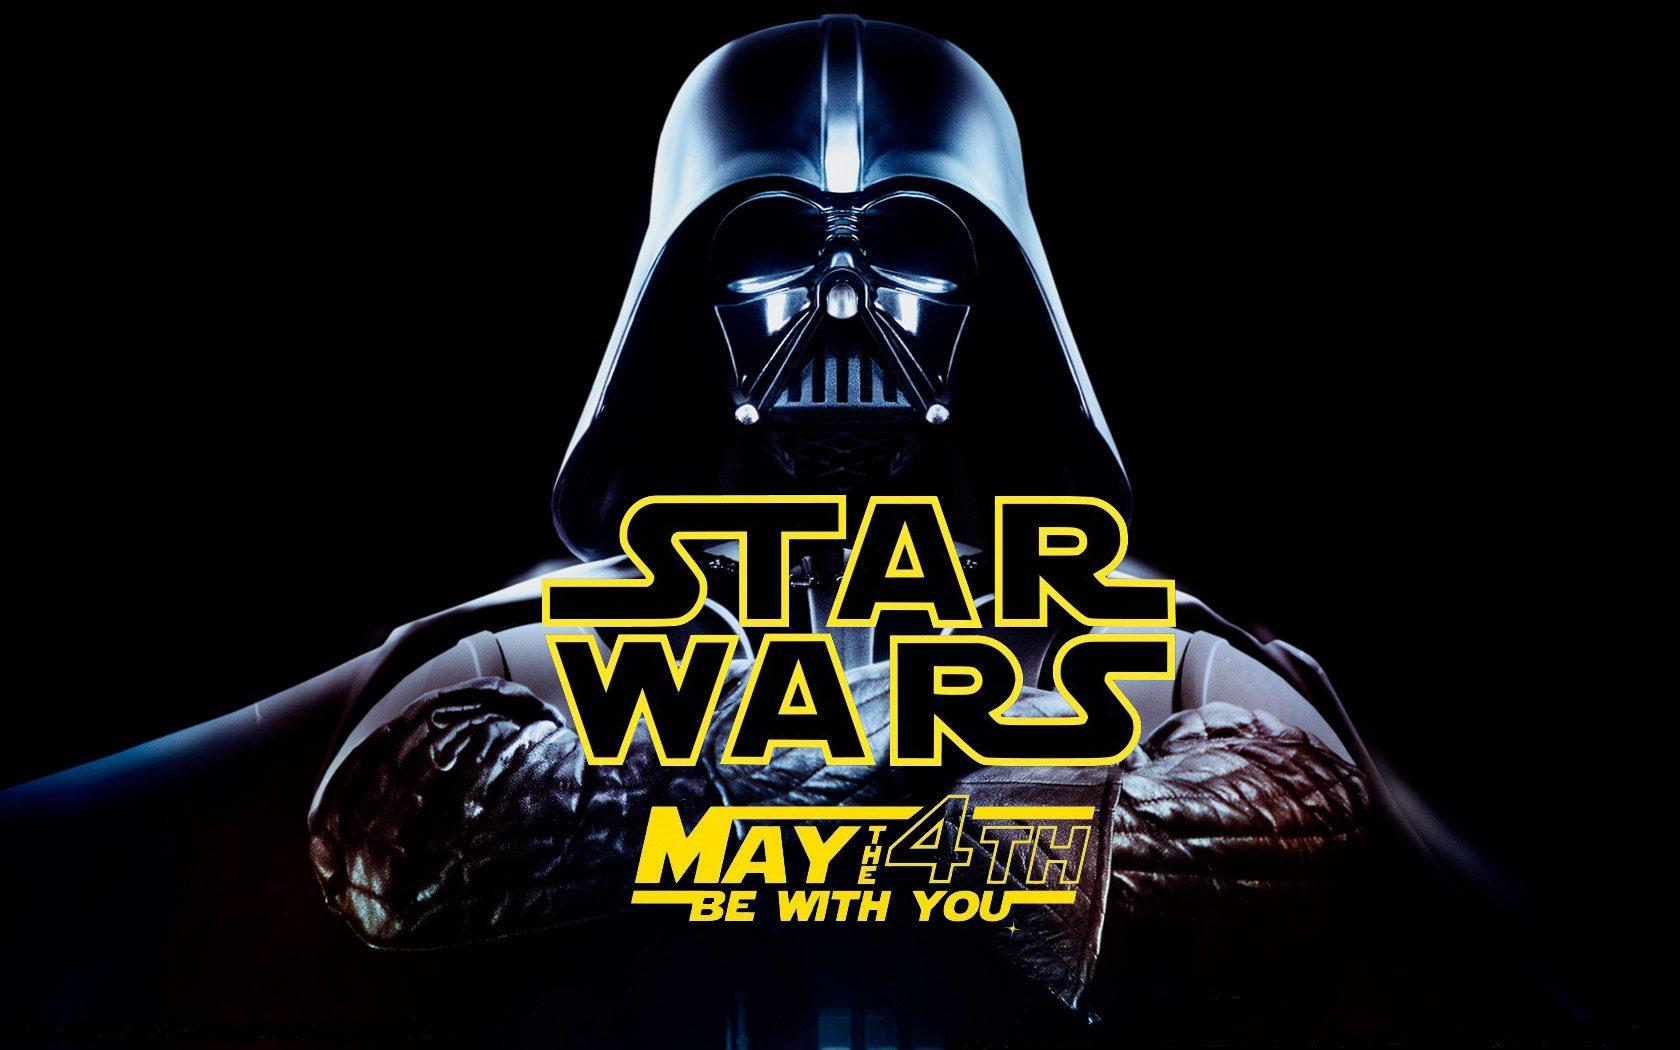 4 maggio Star Wars Day: Dove andare rivivendo gli scenari della celebre saga